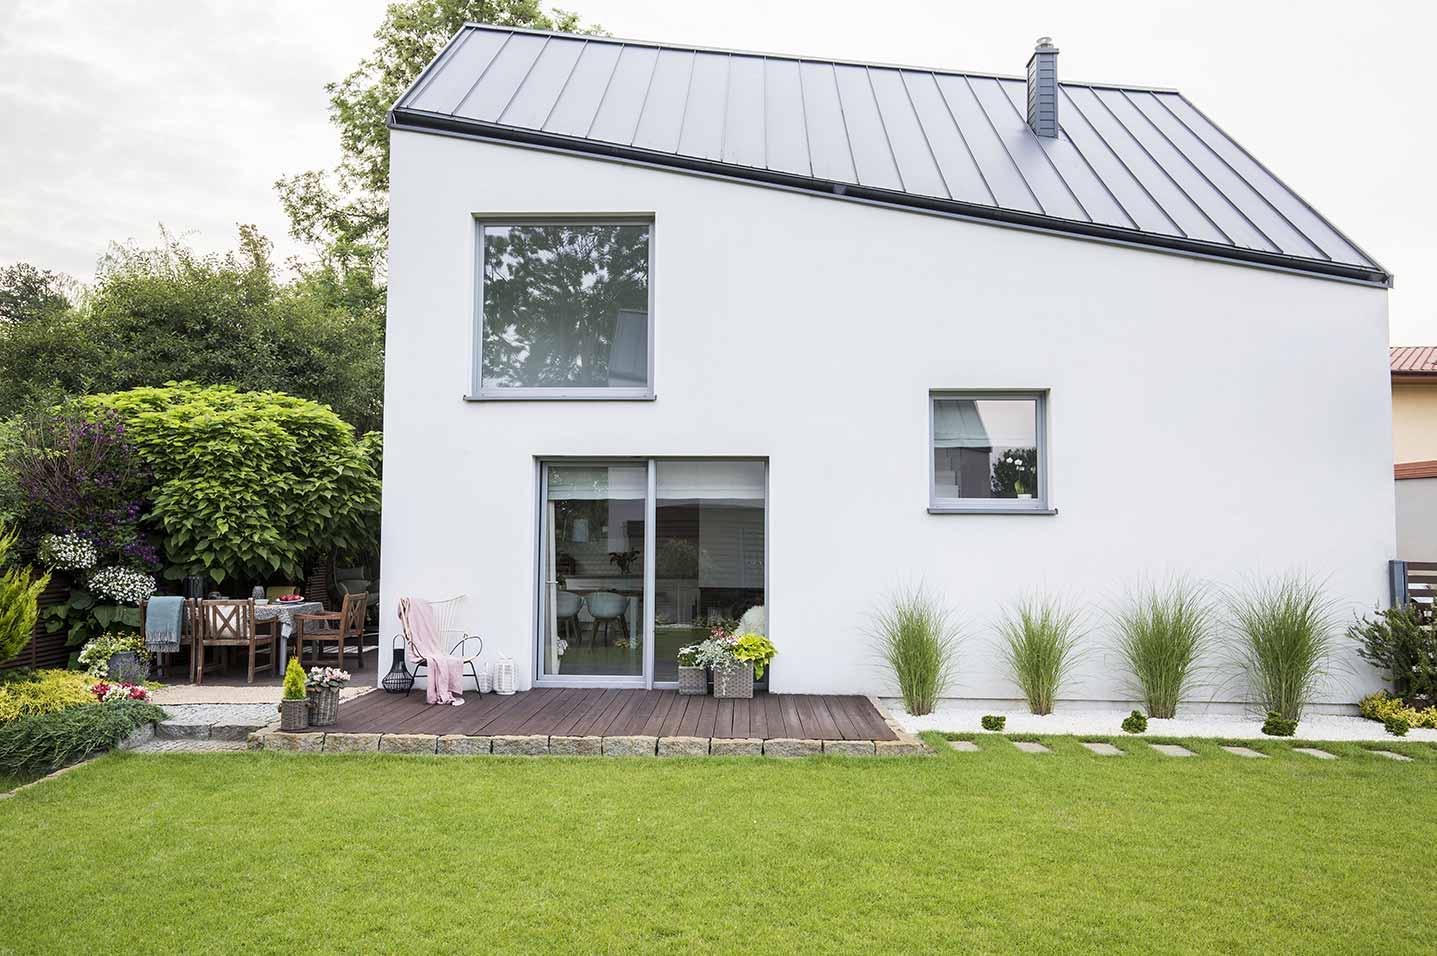 Einflügelige Dreh-Kipp-Fenster können einer Hausfassade Modernität verleihen.